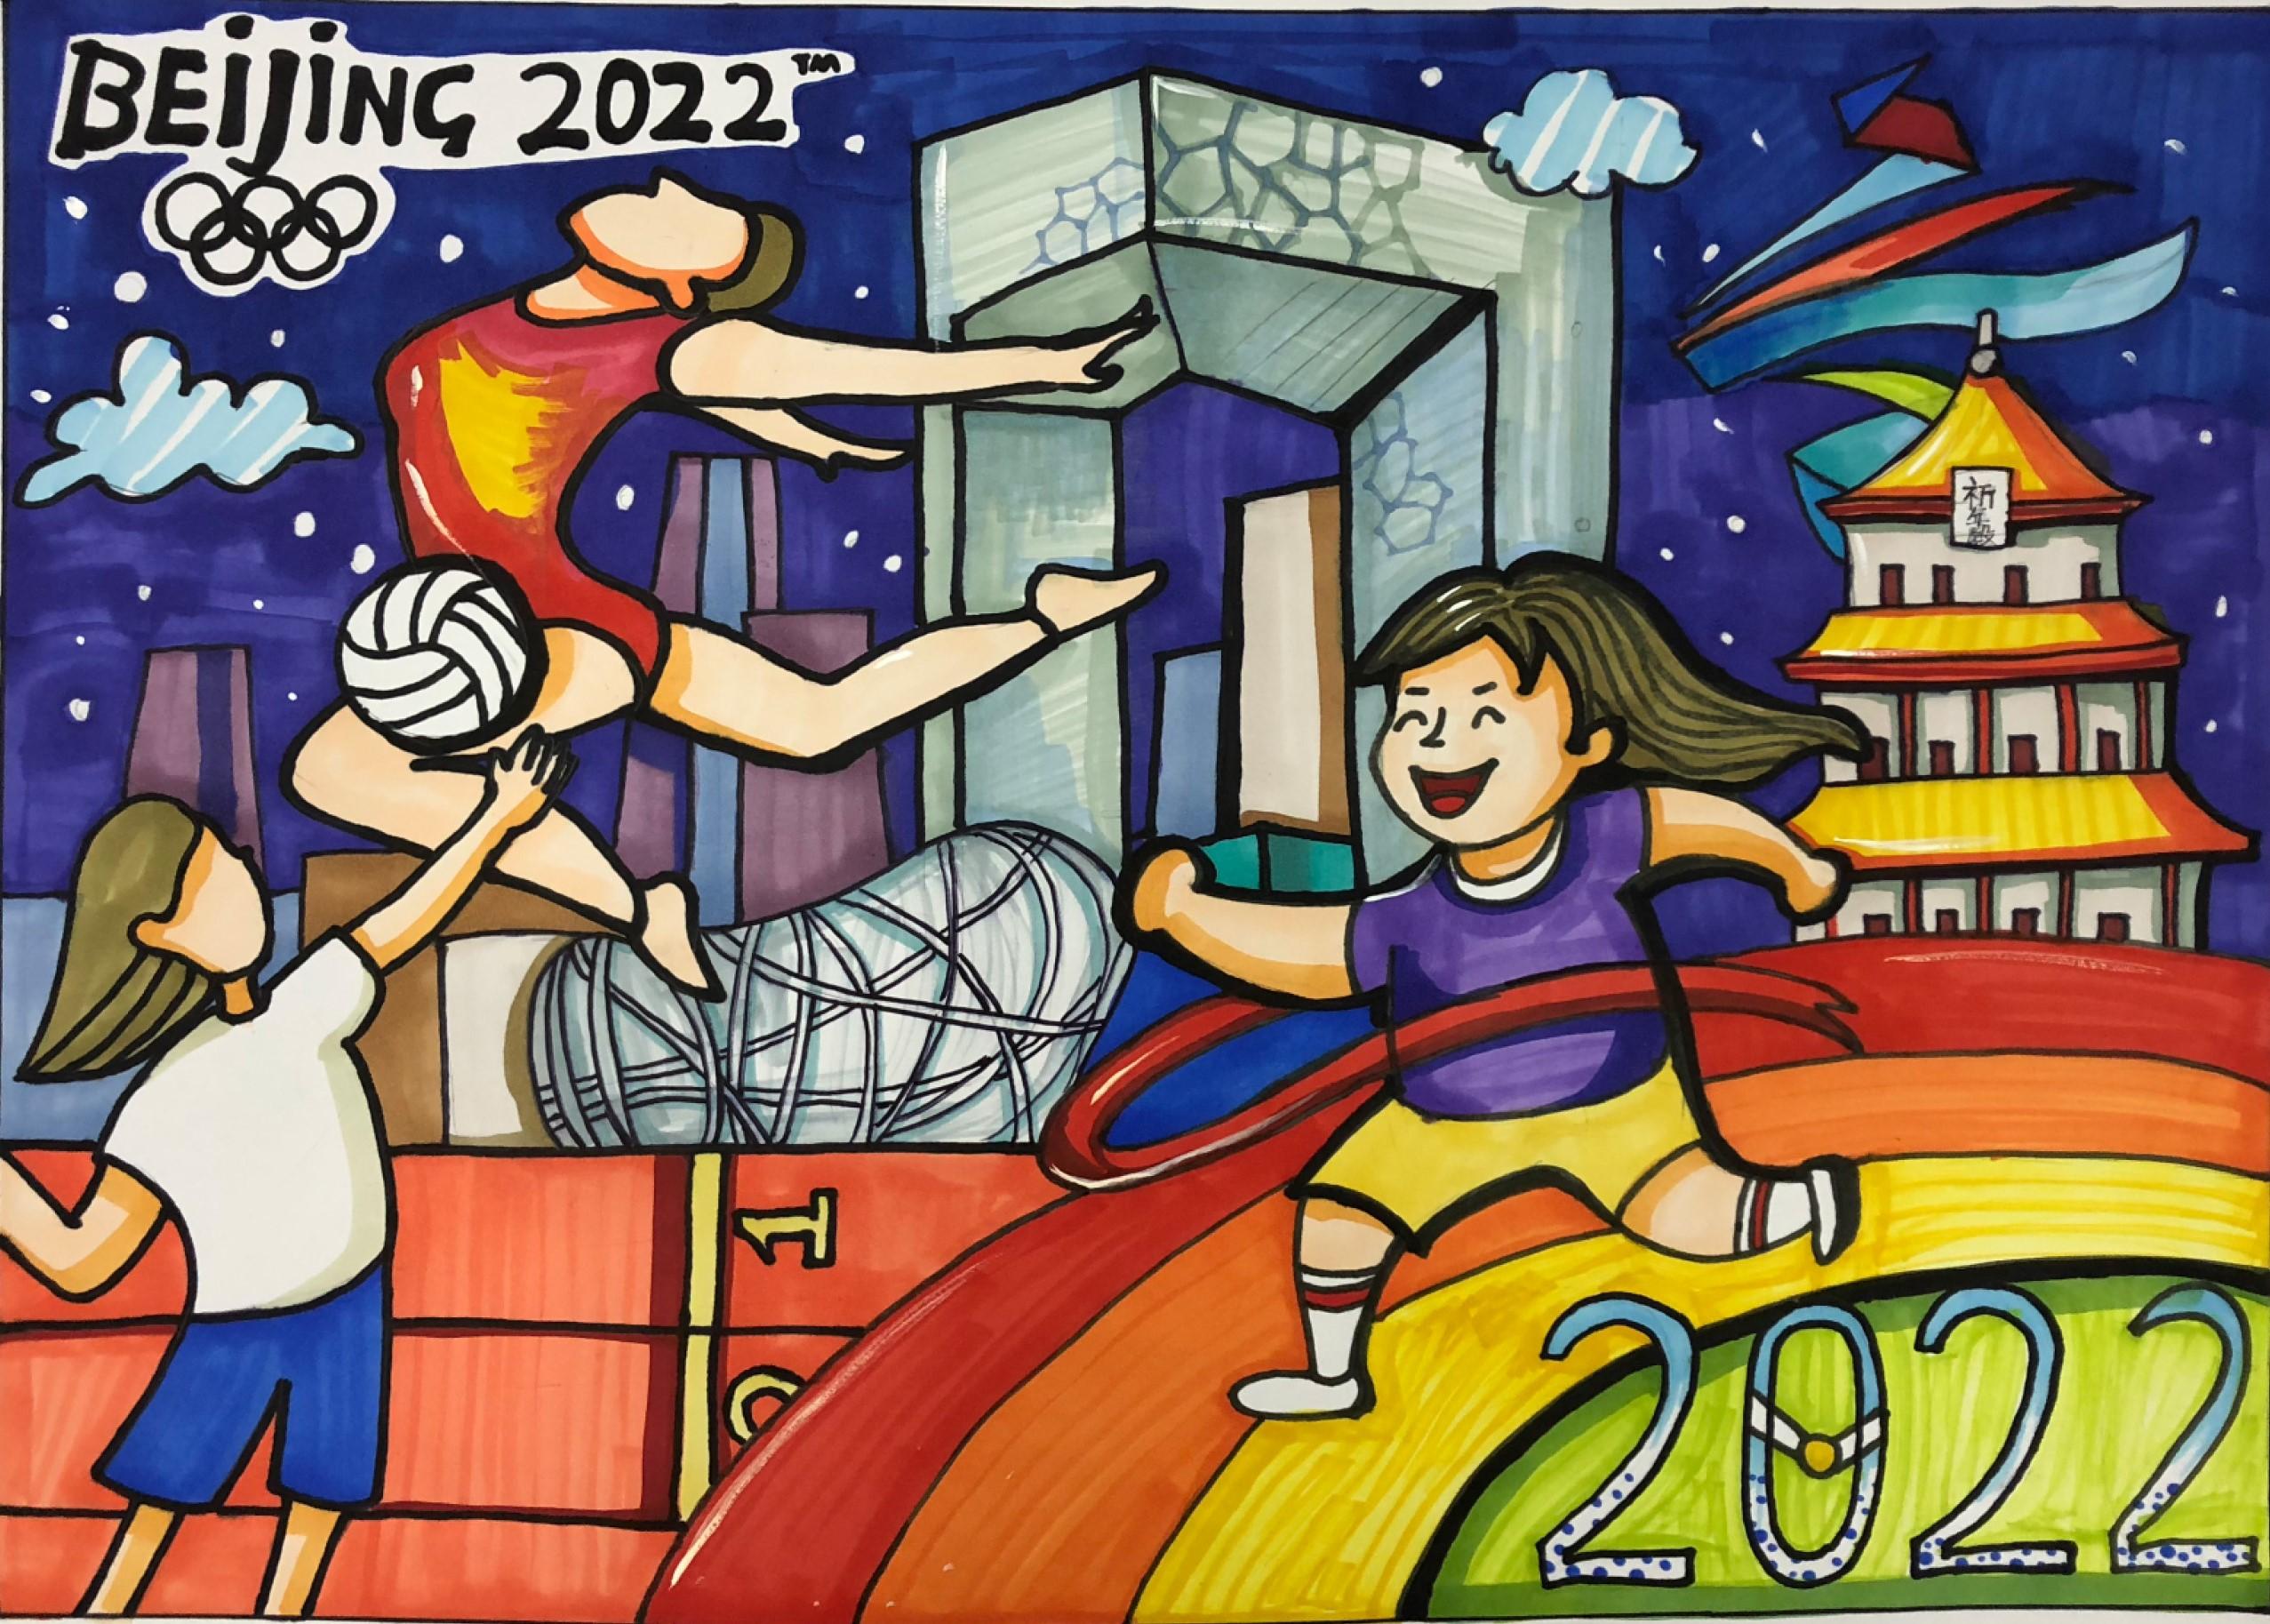 圆梦2022 Realize Your Dream In 2022 ——李籽萱 Li Zixuan+14